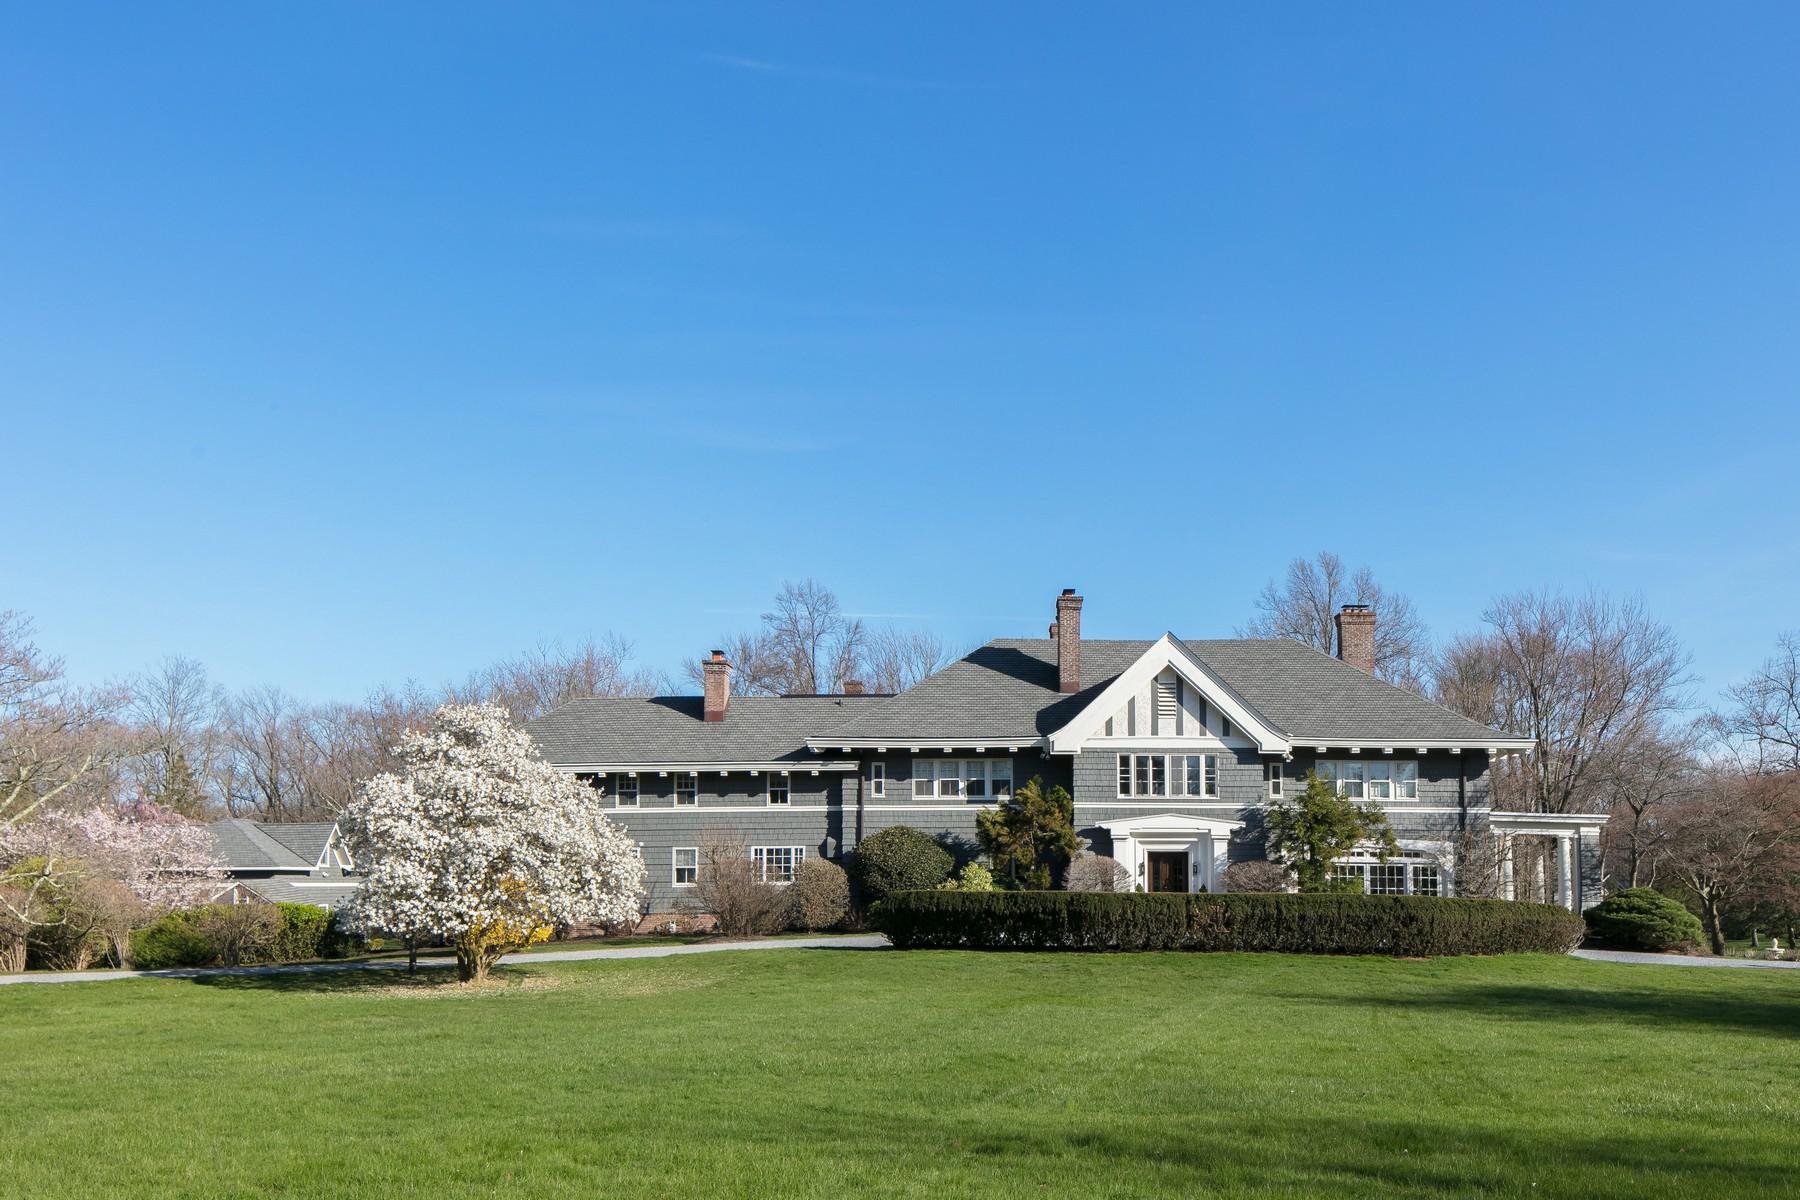 Maison unifamiliale pour l Vente à INTRODUCING BALCARRES 87 Rumson Rd, Rumson, New Jersey 07760 États-Unis